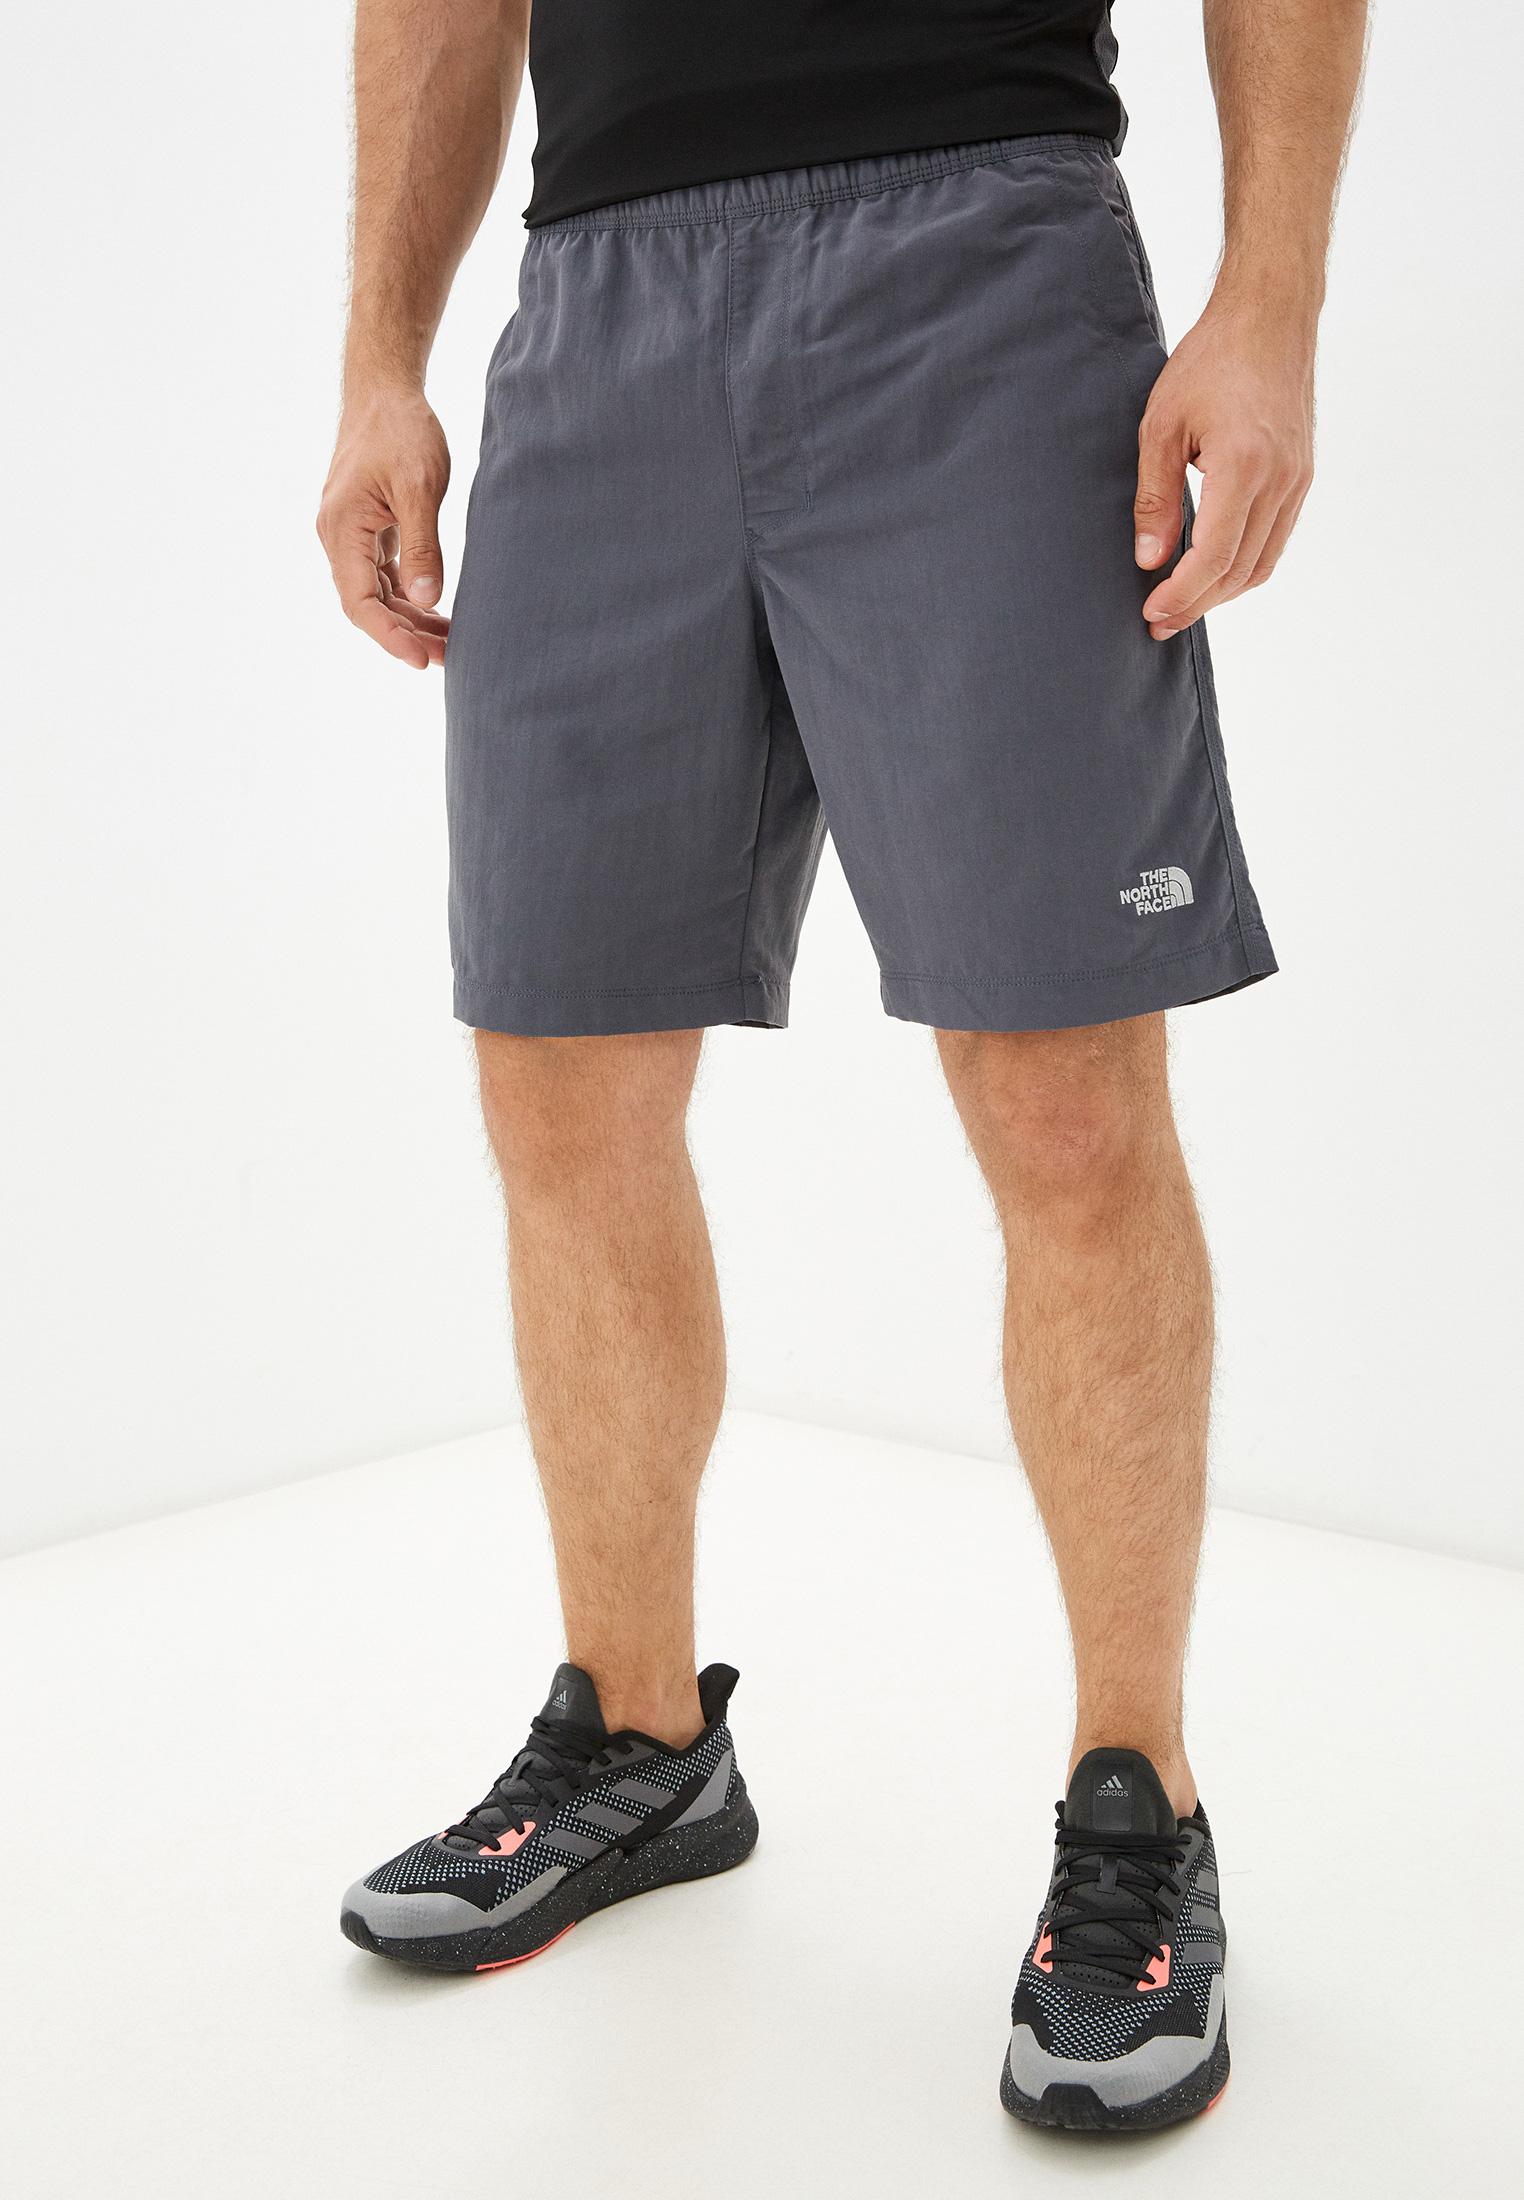 Мужские спортивные шорты The North Face (Норт Фейс) Шорты спортивные The North Face